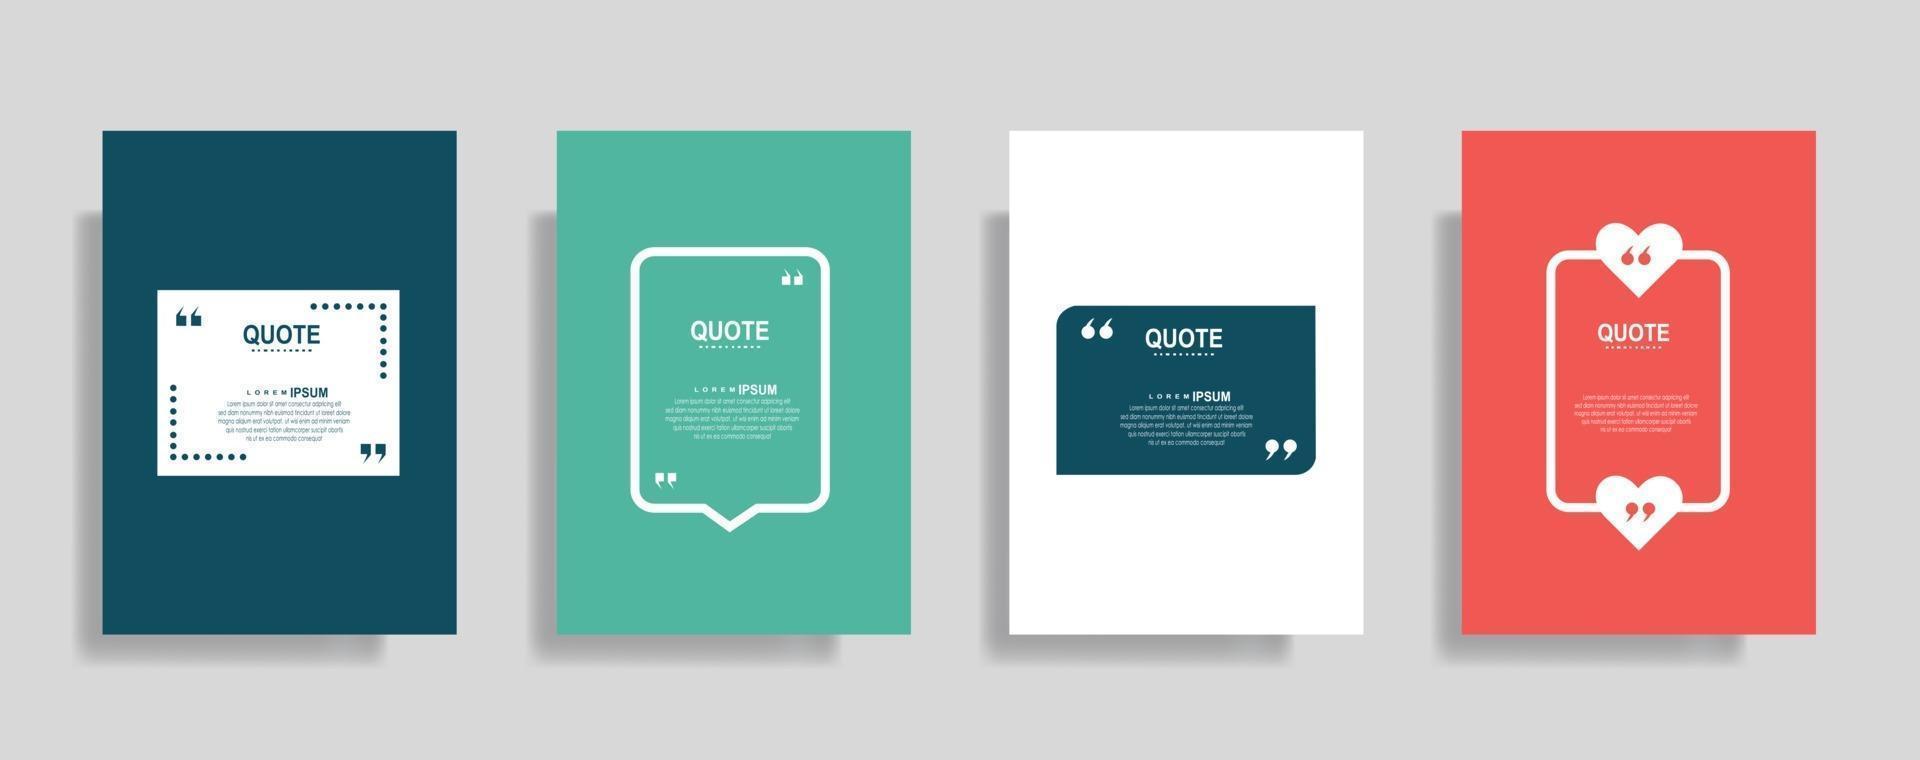 Anführungszeichen Rahmen leere Vorlagen gesetzt. Text in Klammern, zitieren leere Sprechblasen. Textfeld isoliert auf Farbhintergrund vektor